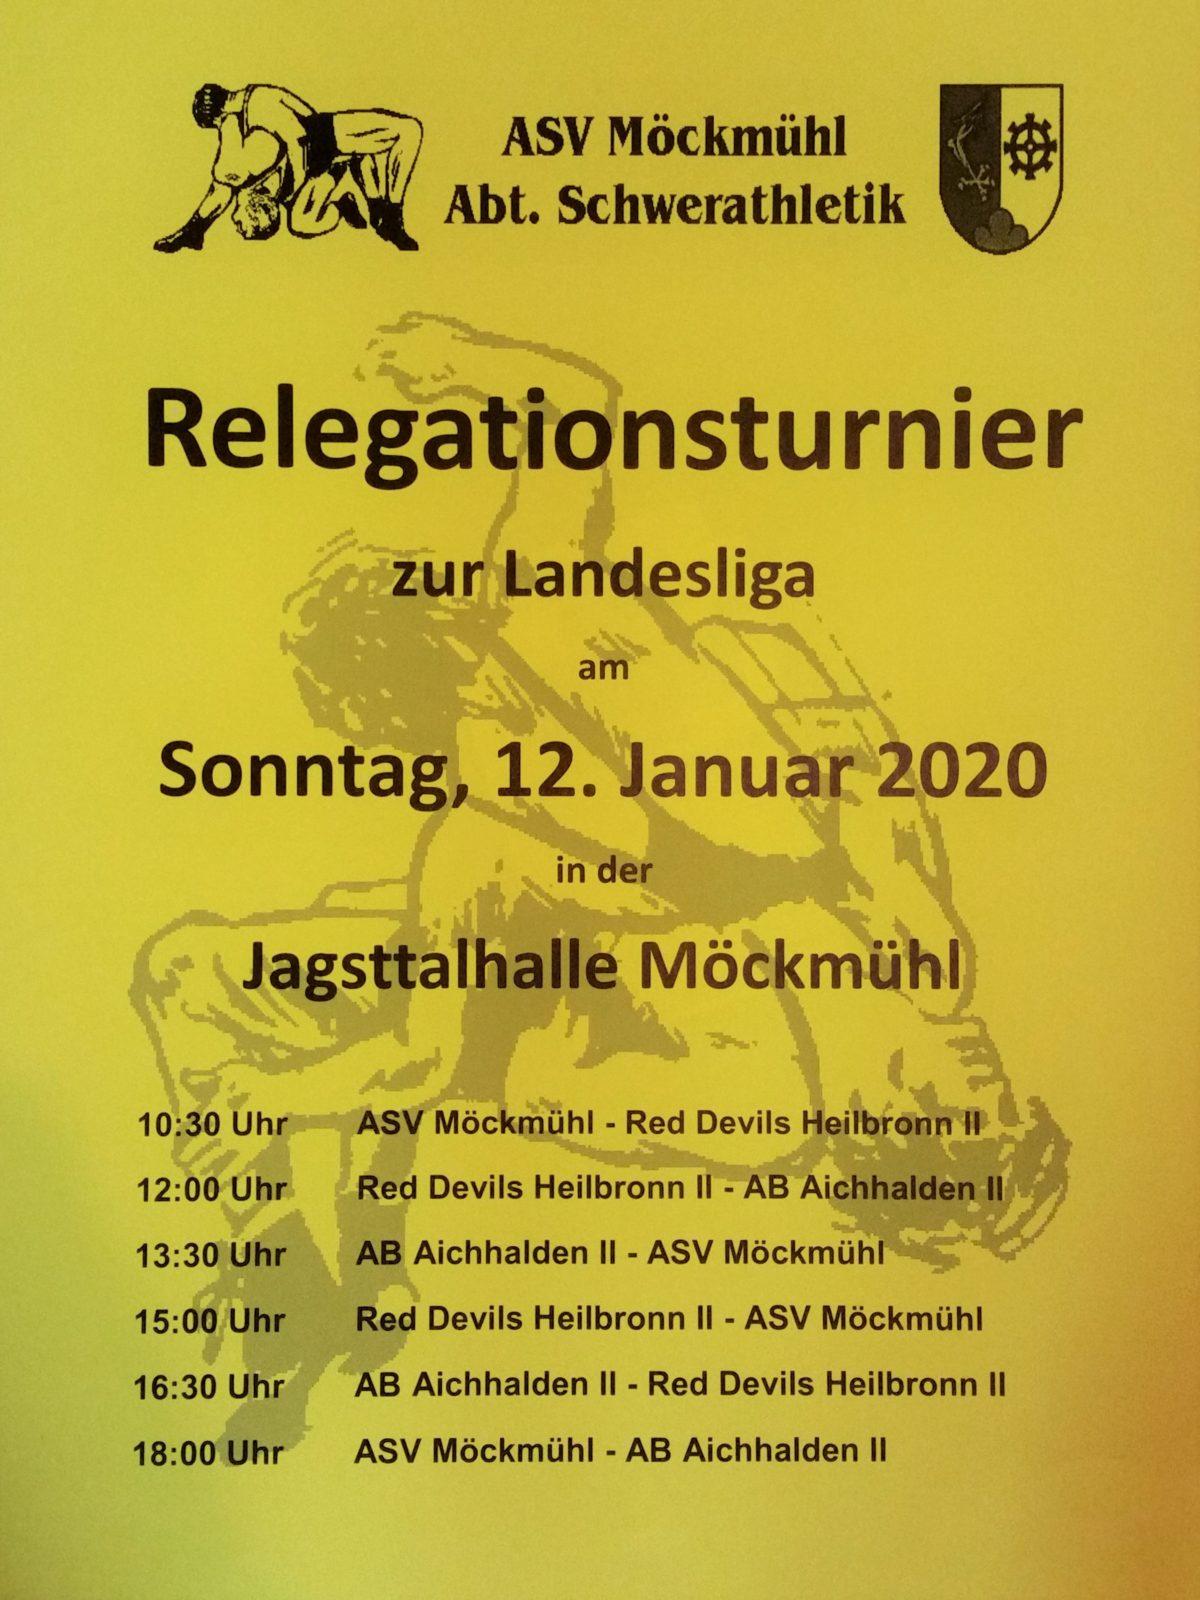 Relegationsturnier am 12. Januar